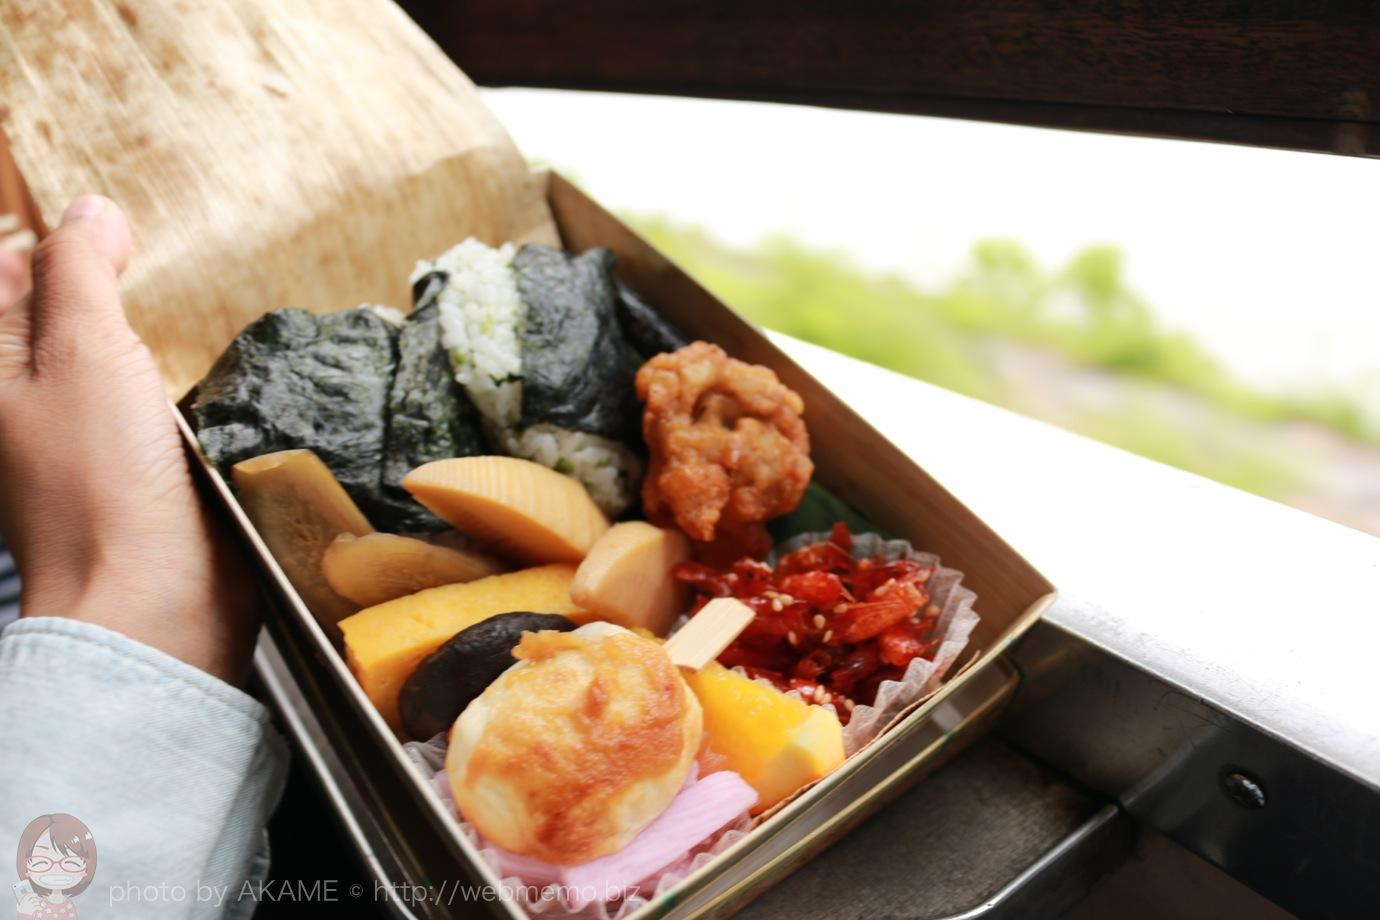 1番人気の大鉄のお弁当「大井川ふるさと弁当」